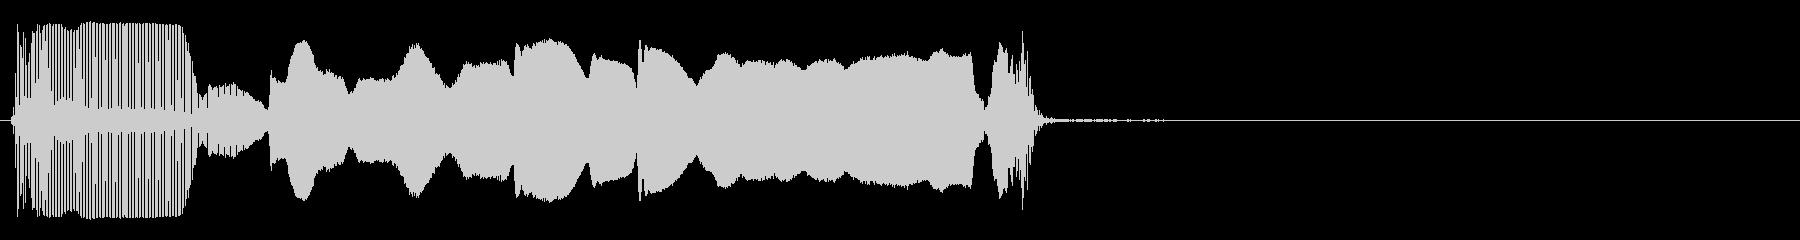 トランペット:スライドアップ、ロン...の未再生の波形